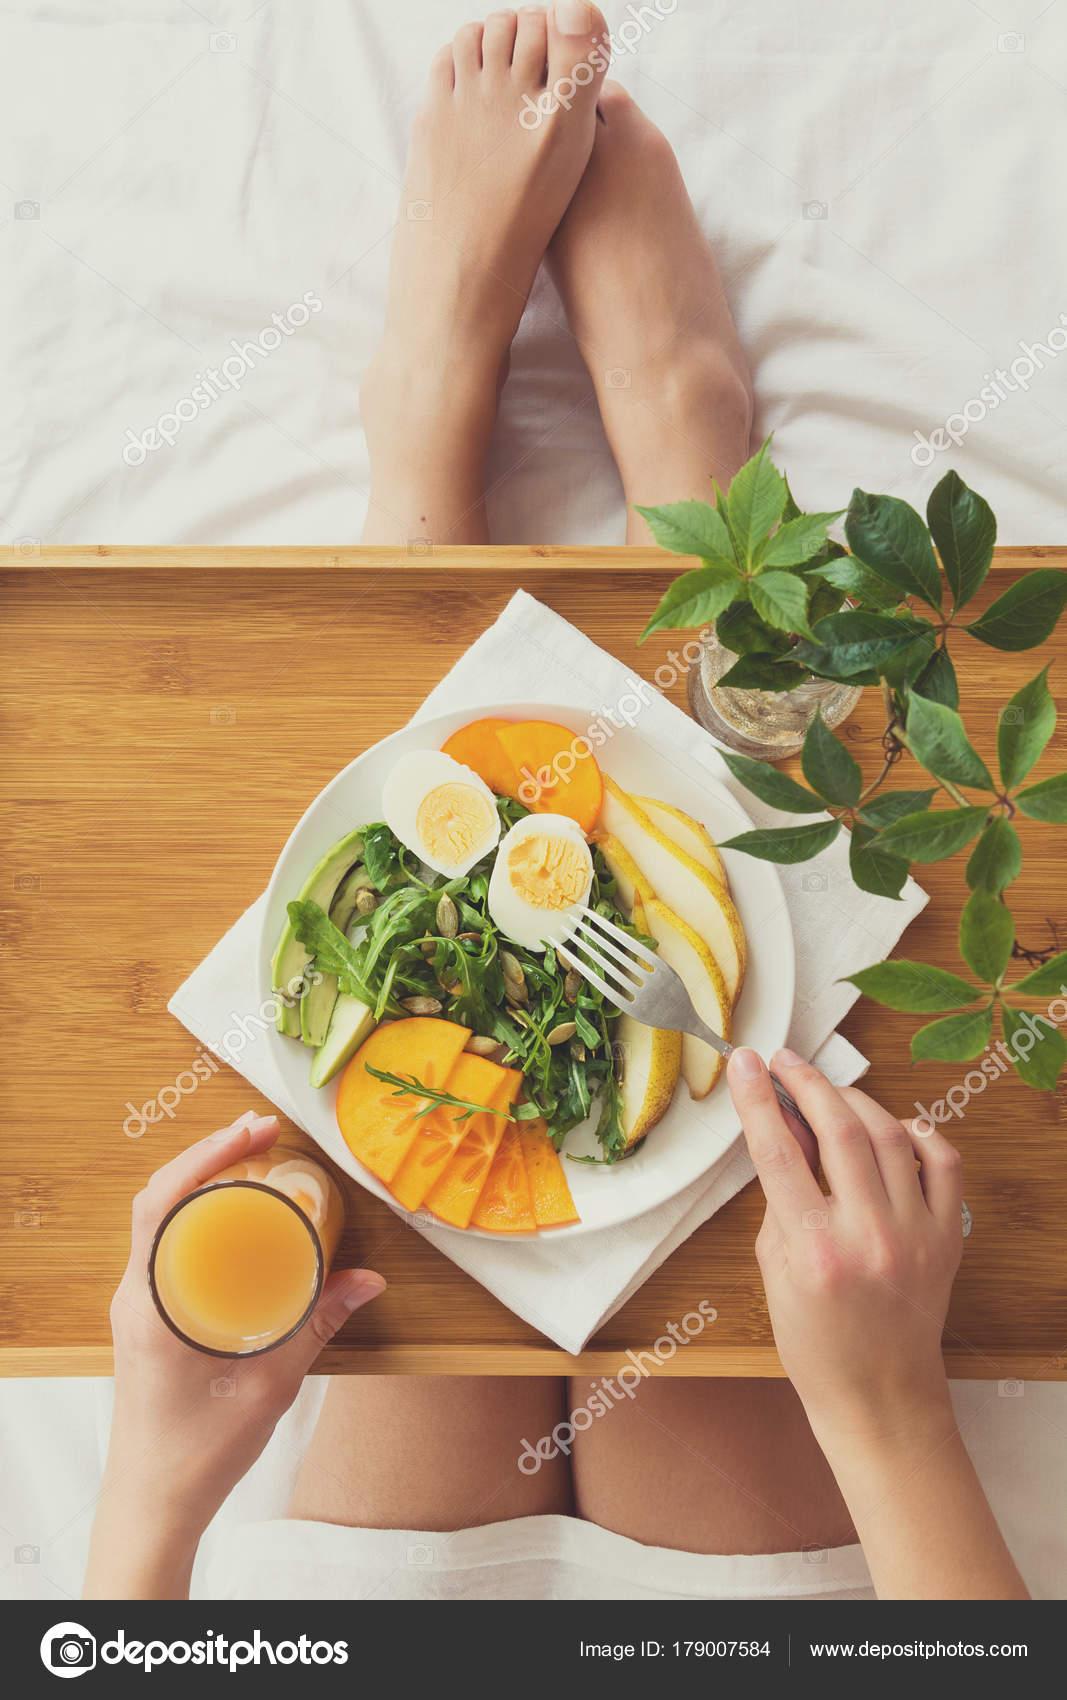 Zdrowe Jedzenie Koncepcja Kobieta Sniadanie Lozku Widok Gory